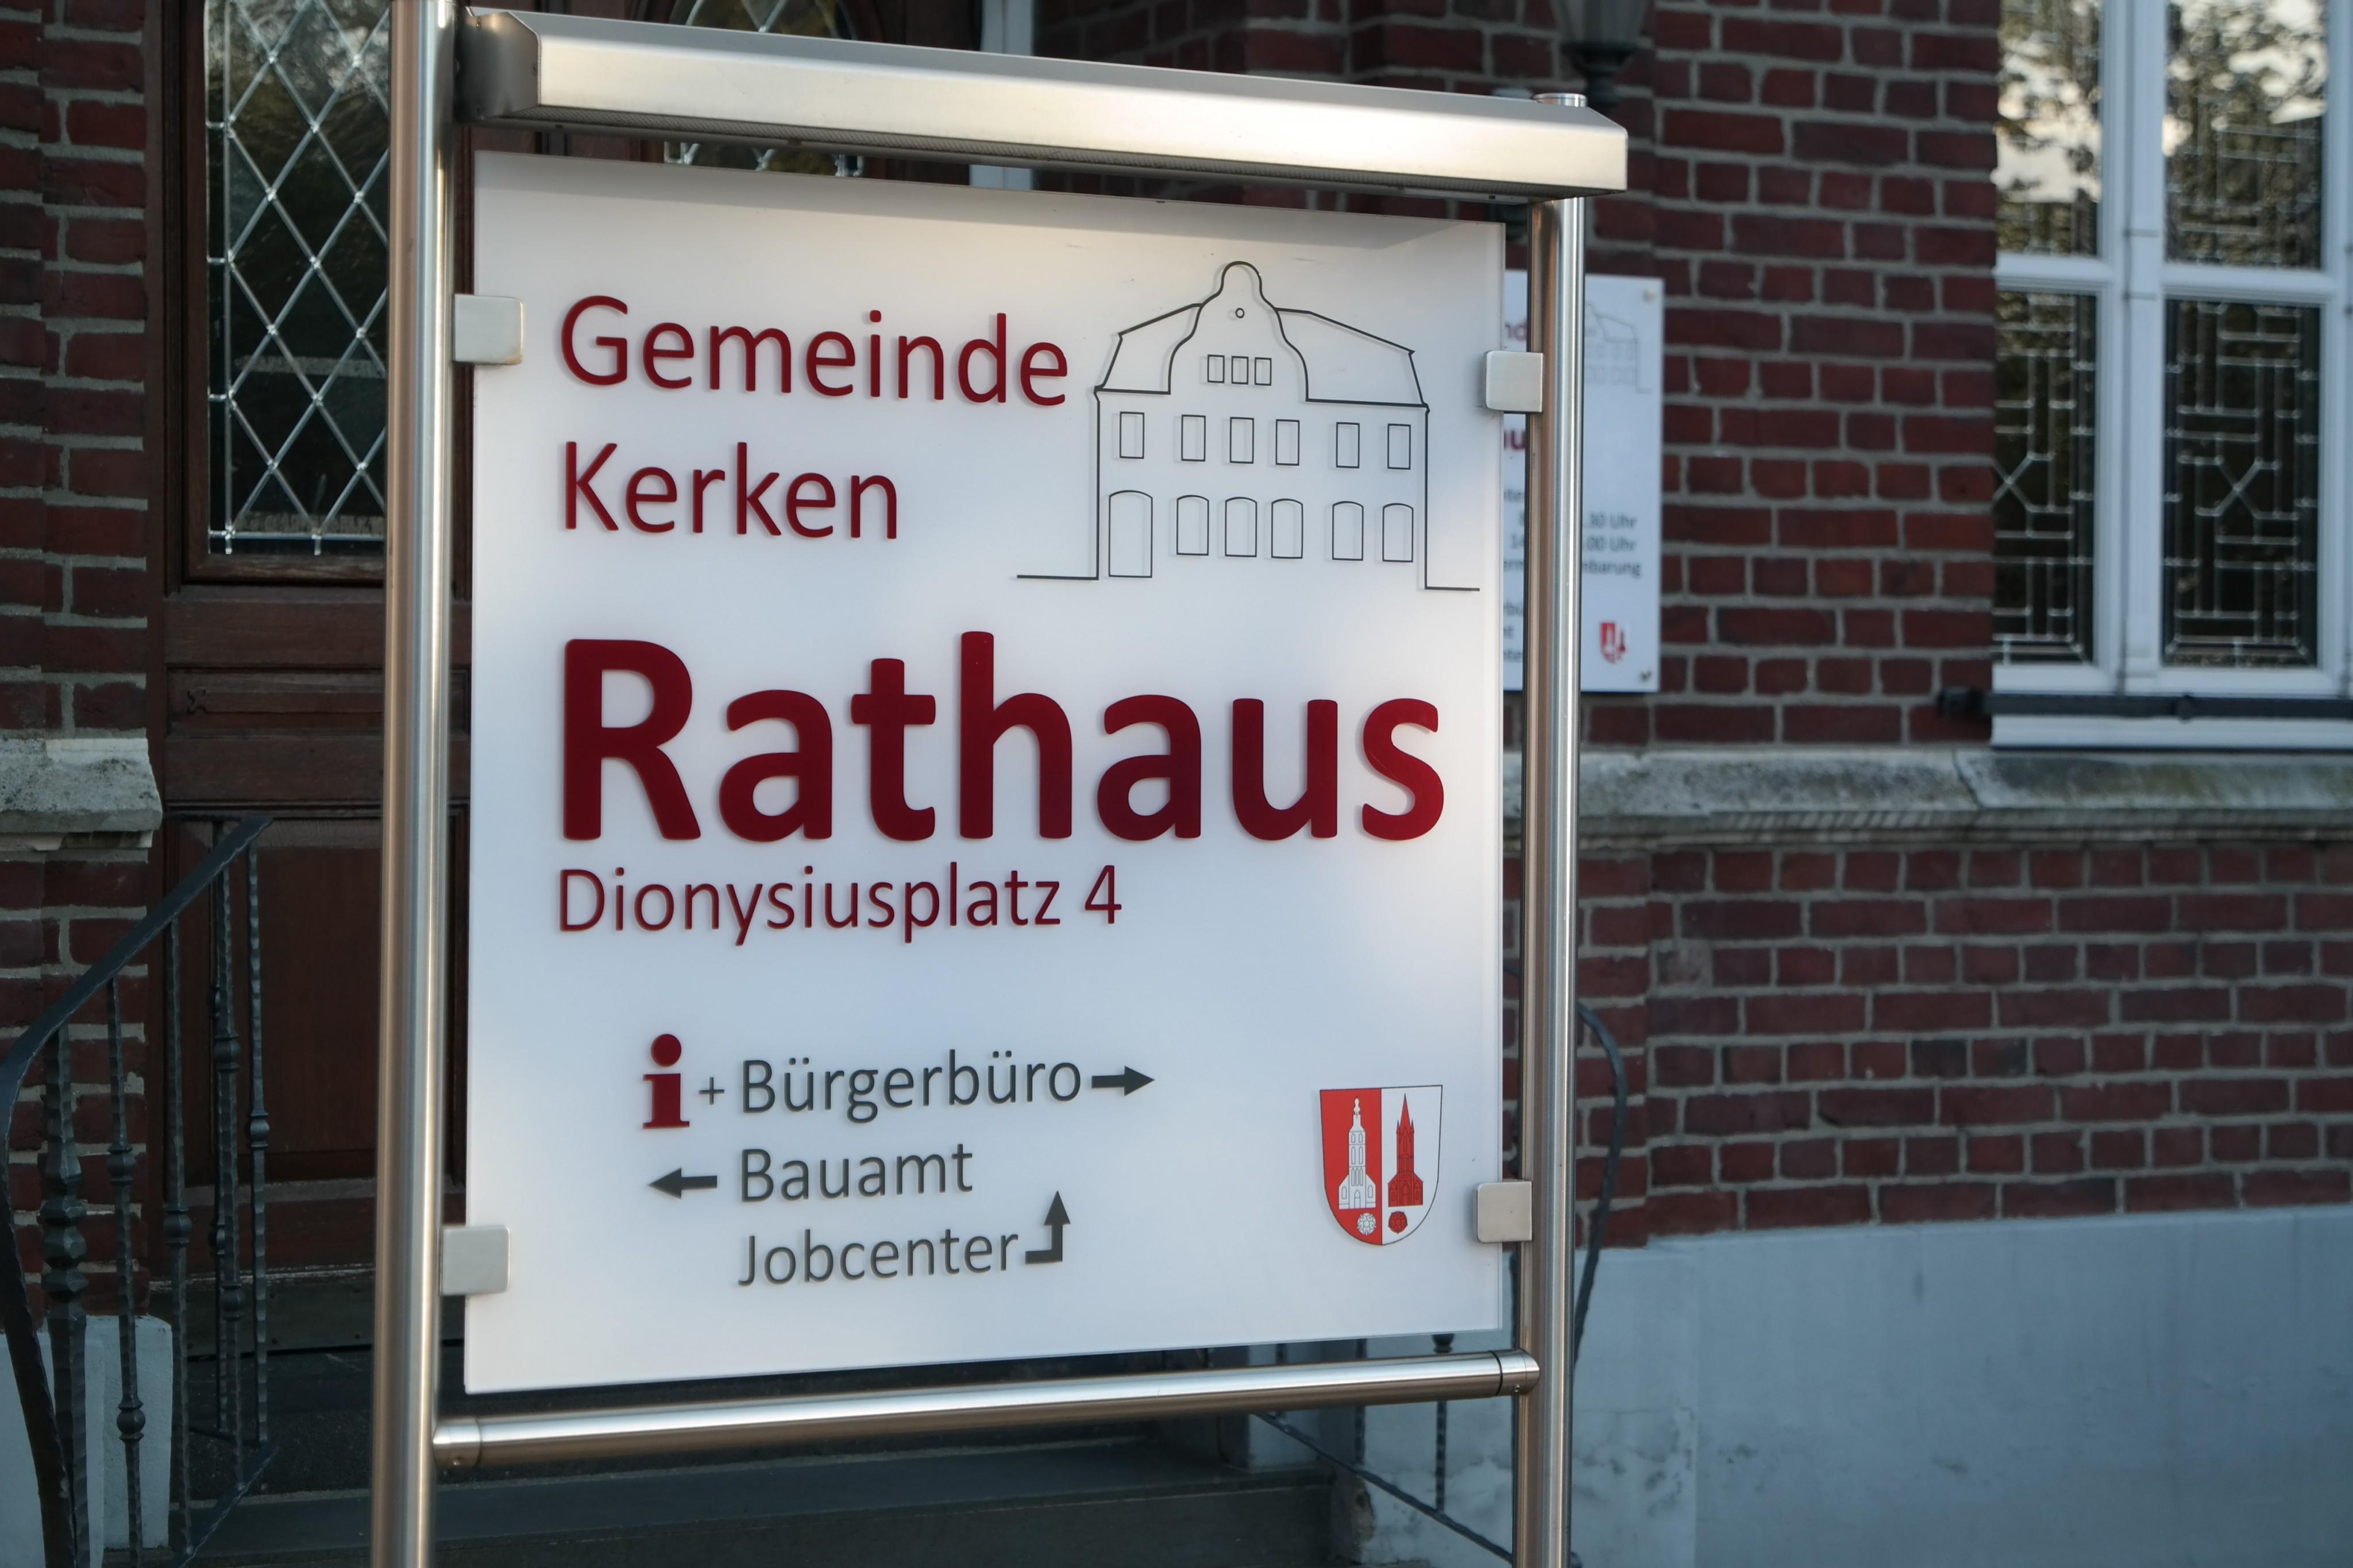 SPD Kerken